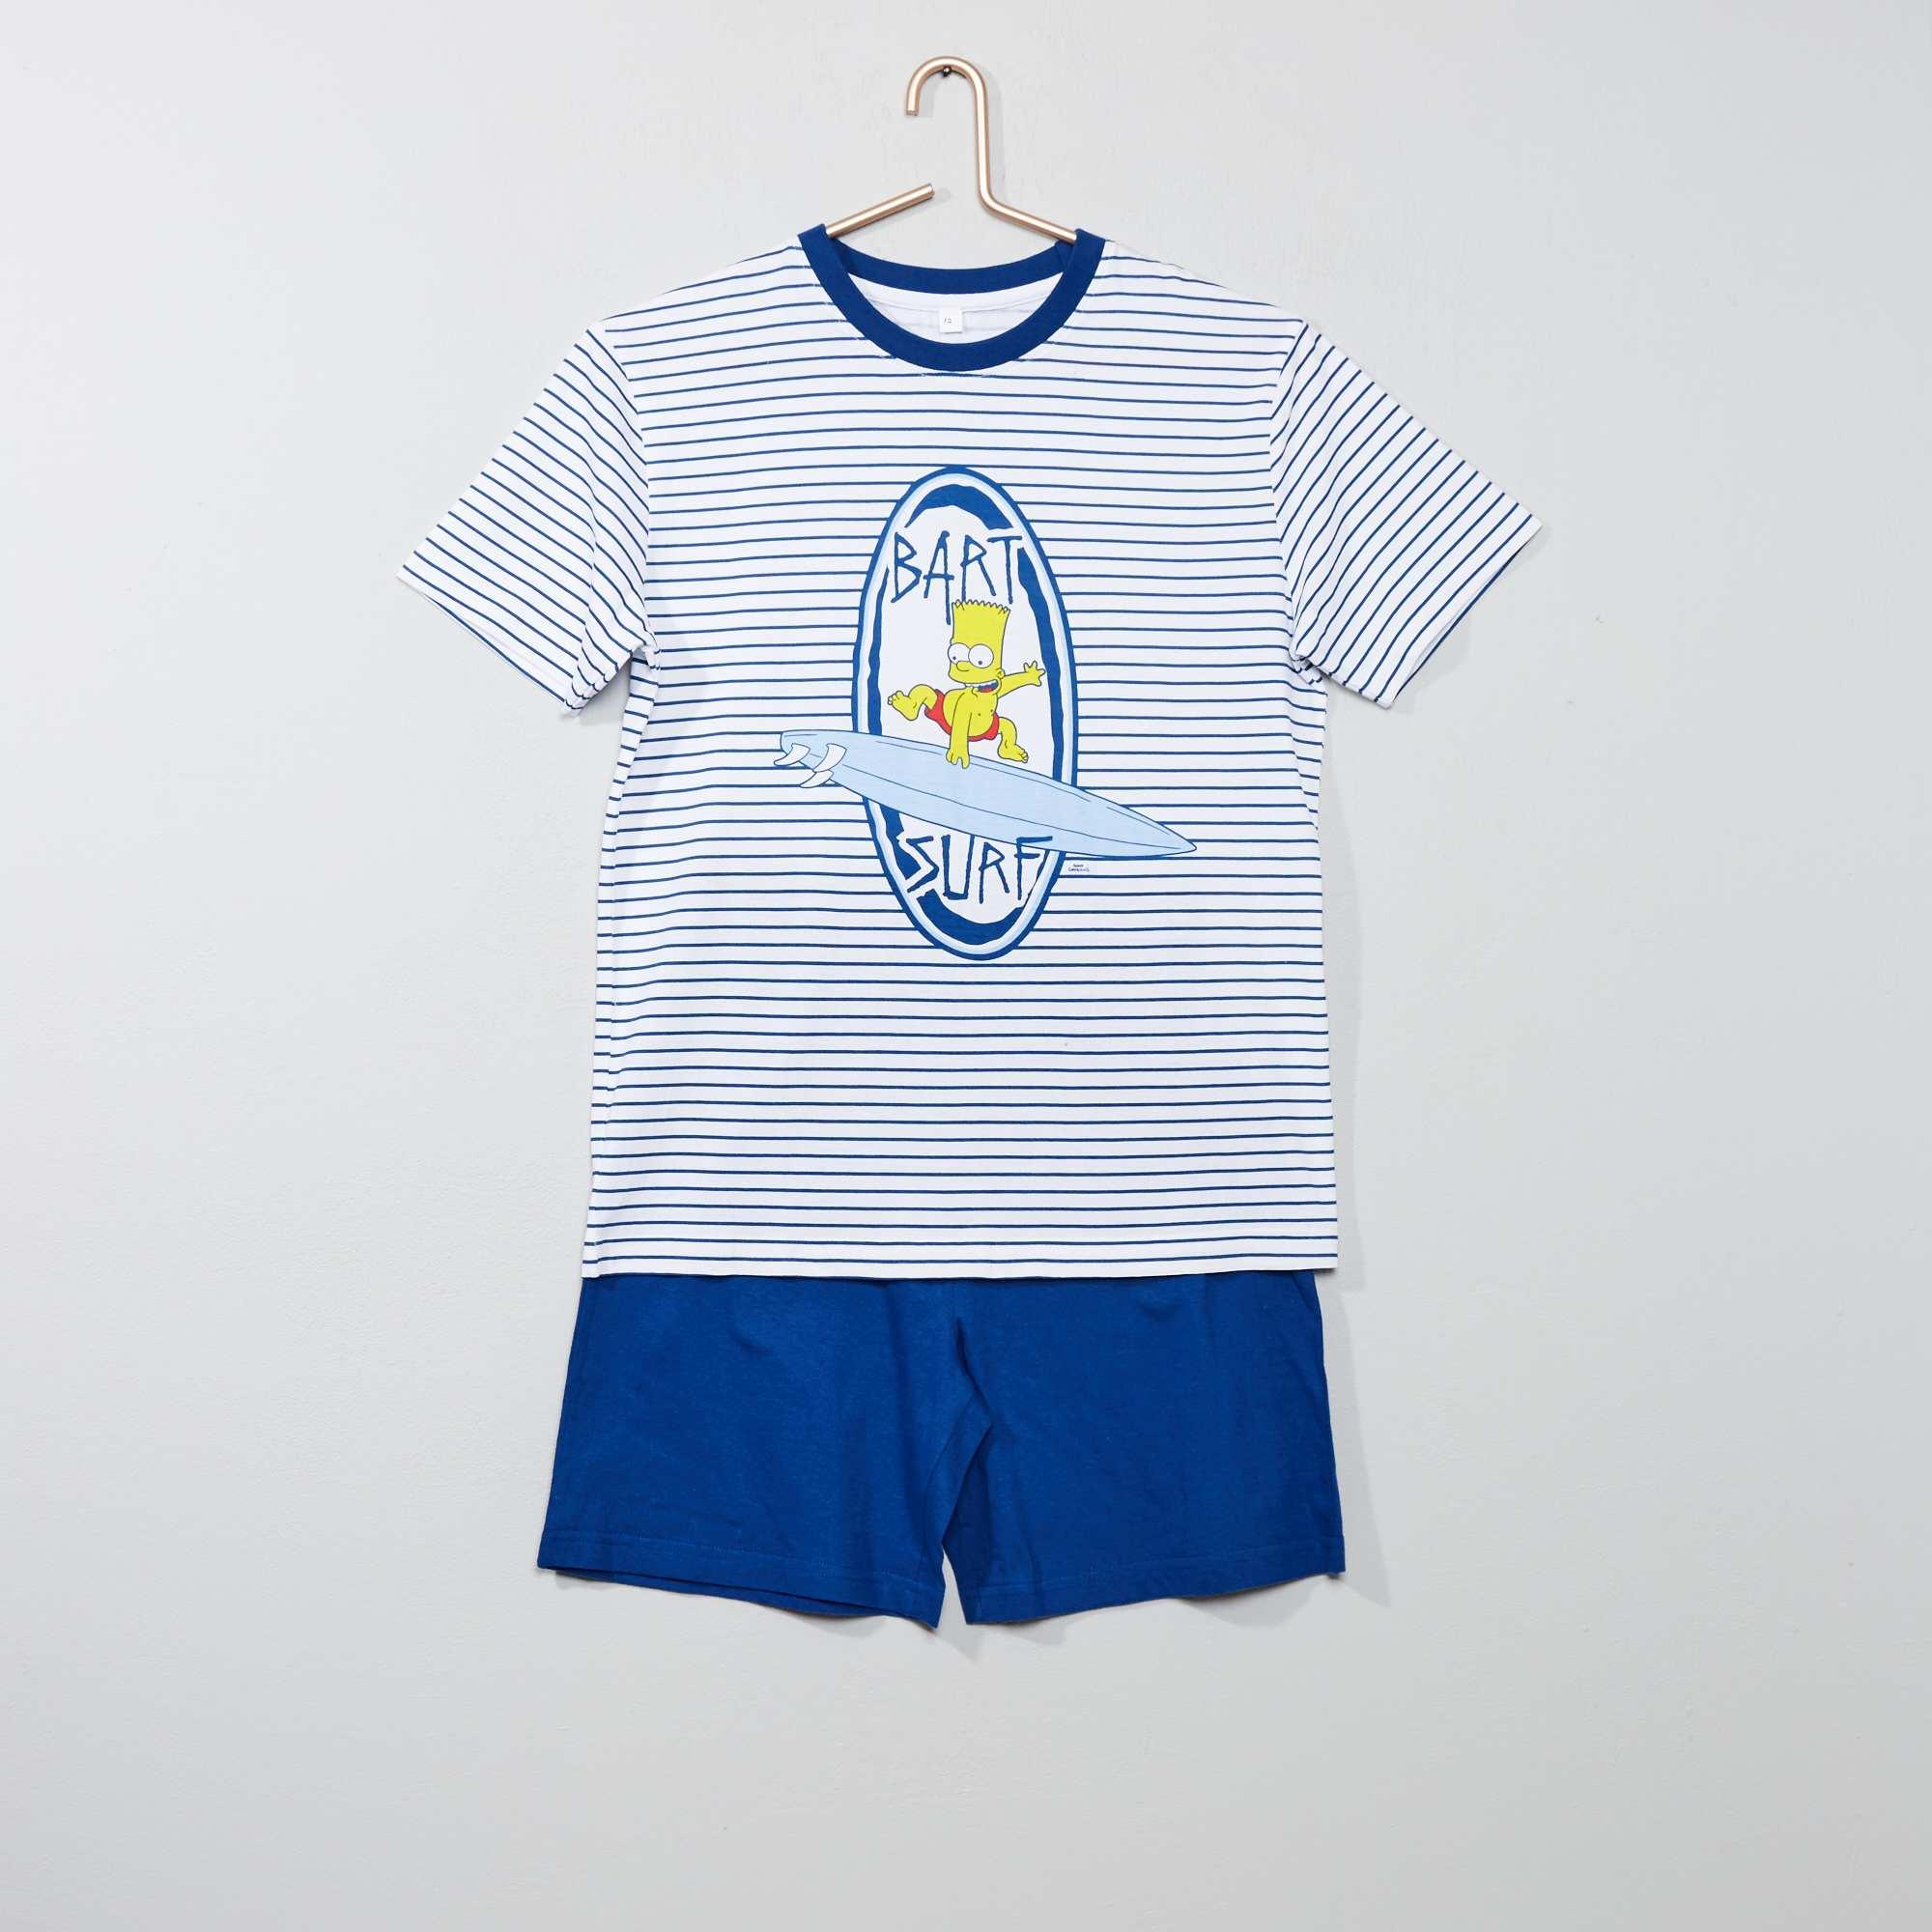 de61845c8 Pijama corto  Bart   Los Simpson  Joven niño - azul blanco - Kiabi ...